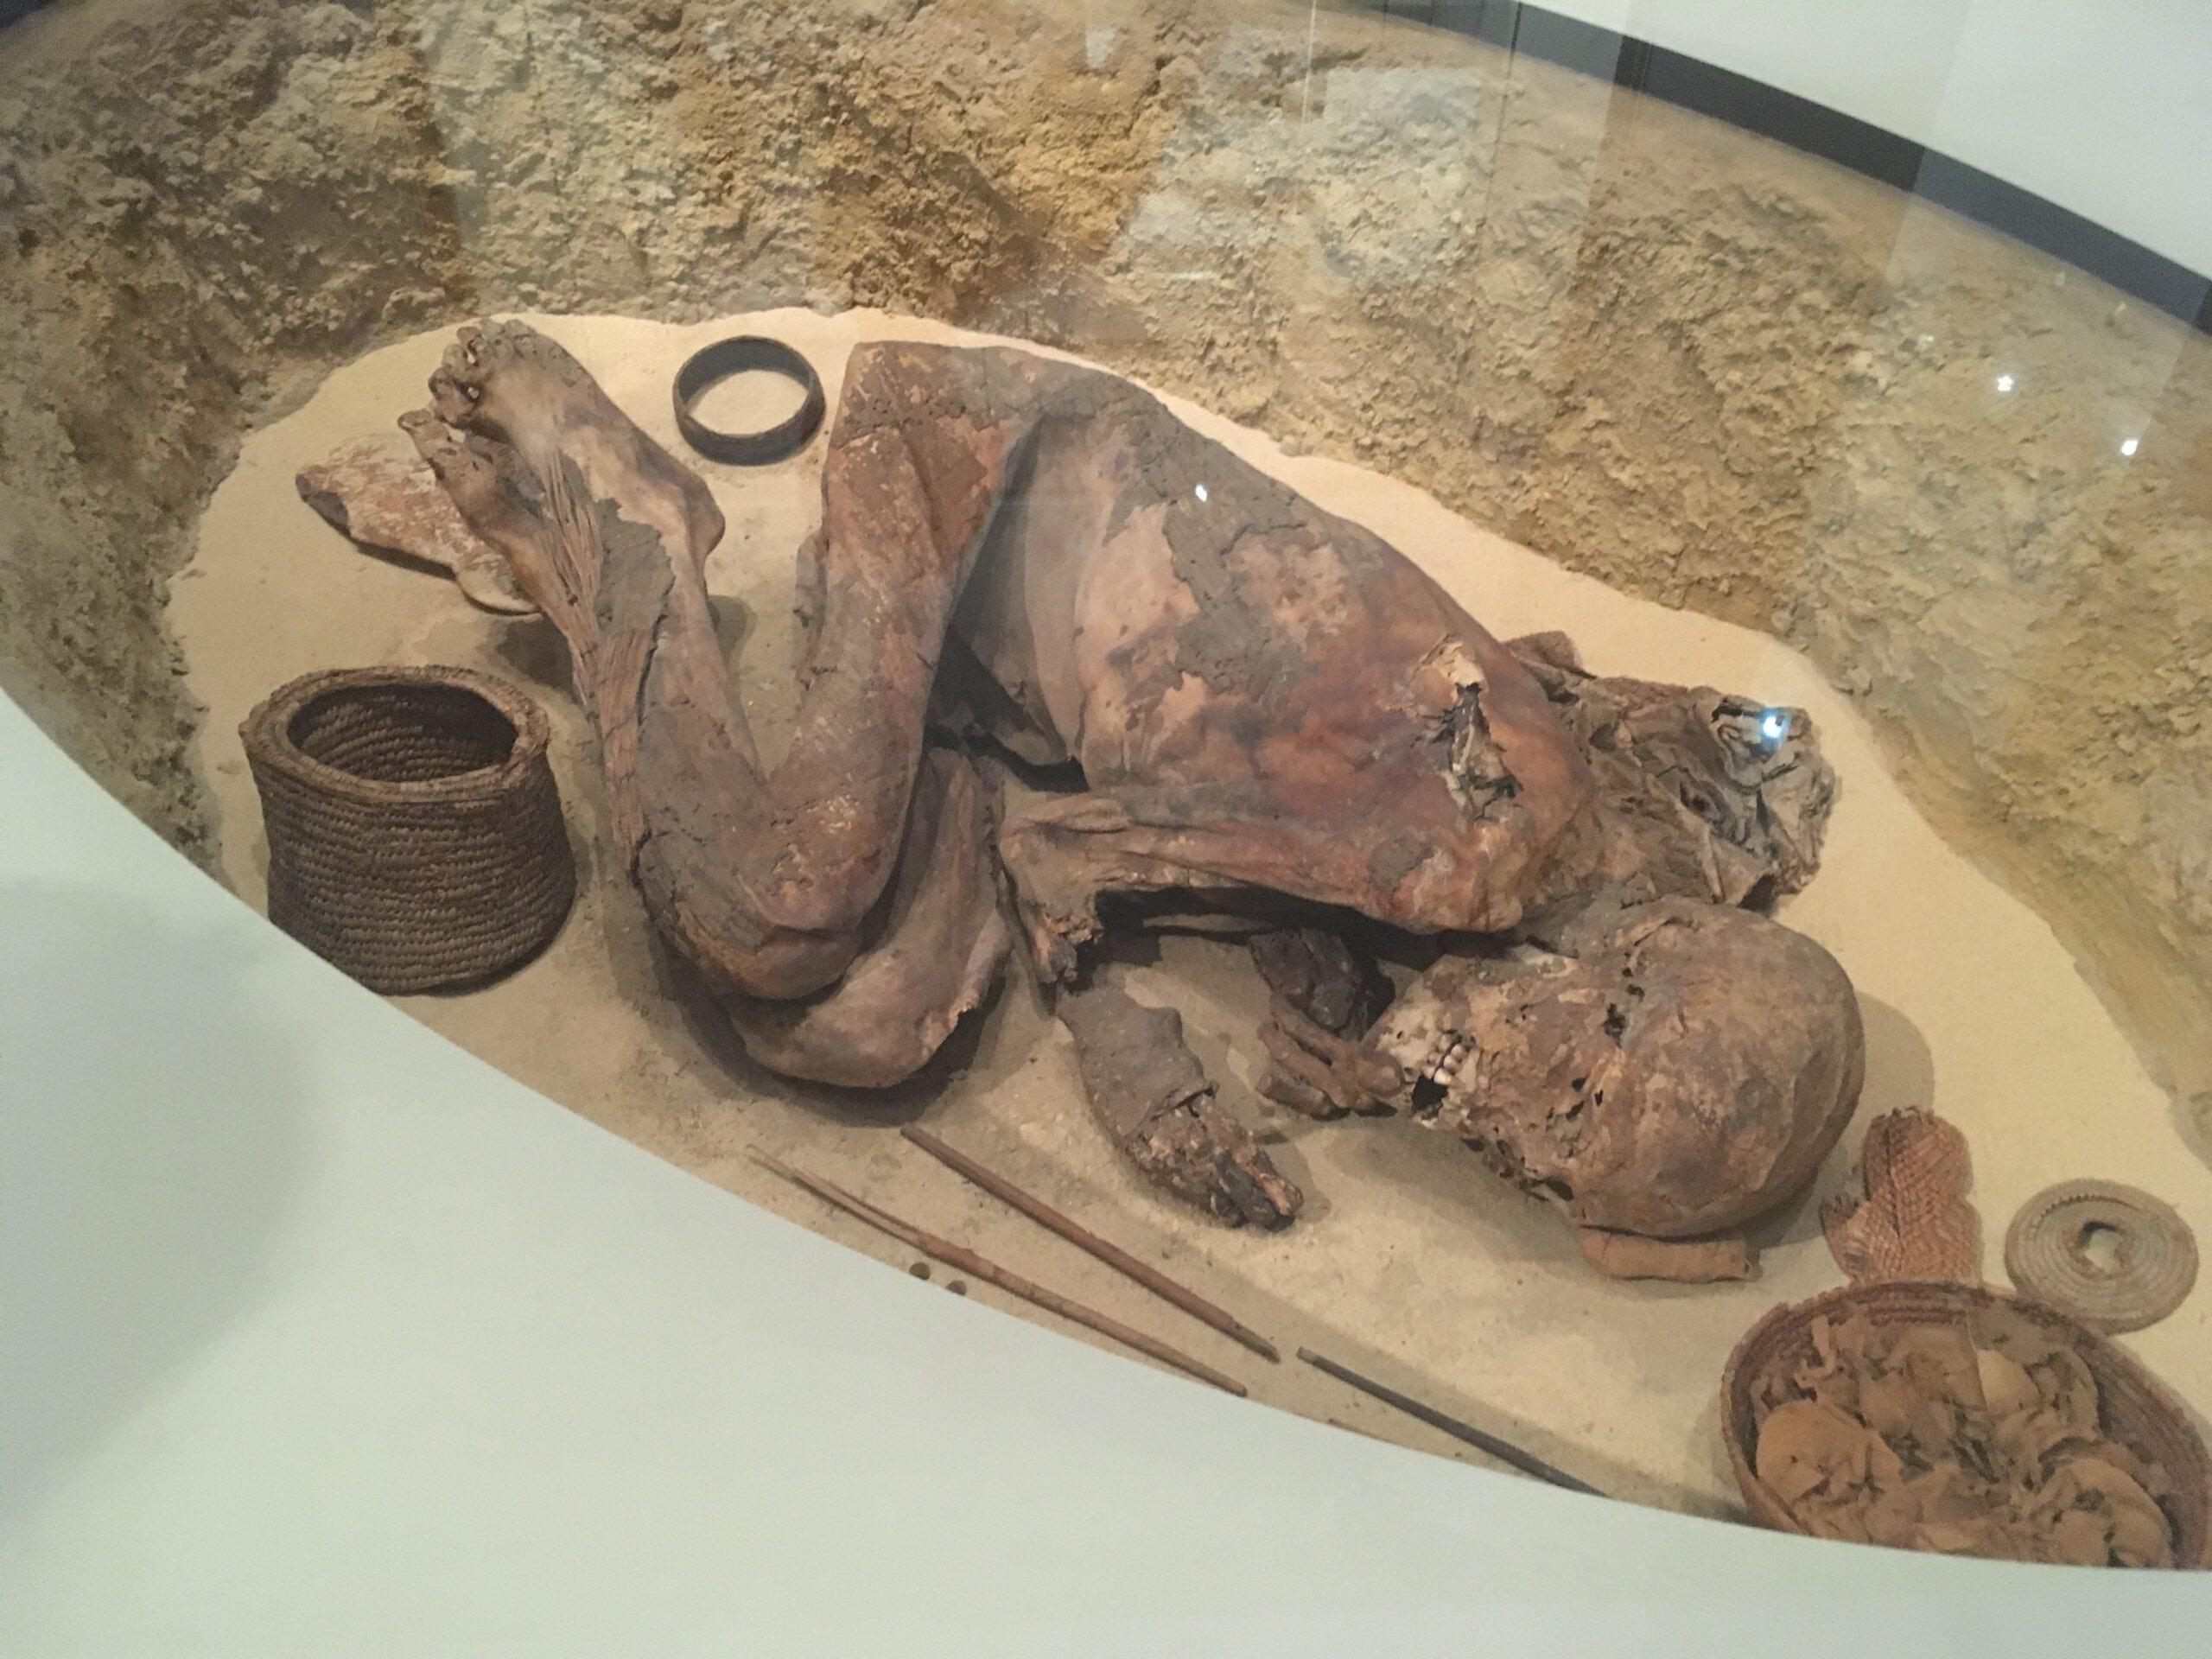 Come realizzare una mummia: come avveniva la mummificazione presso gli antichi Egizi?